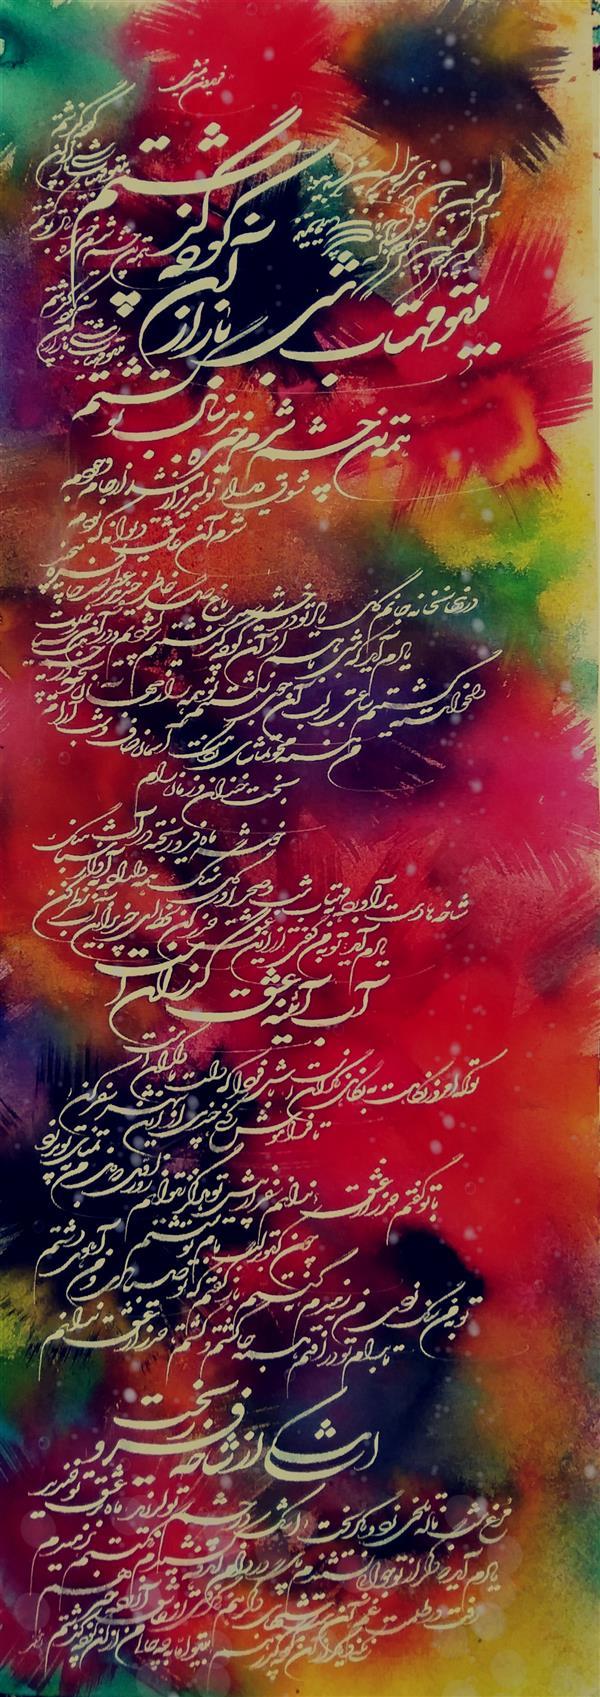 هنر خوشنویسی محفل خوشنویسی asghar-bordkhoni #بیتو#مهتاب شبی باز از آن کوچه گذشتم.#همه تن #چشم شدم خیره بدنبال تو گشتم.#فریدون #مشیری#شکسته#اصغر بردخونی.اندازه.  ۱۱۰ در ۴۰ #سانتیمتر.